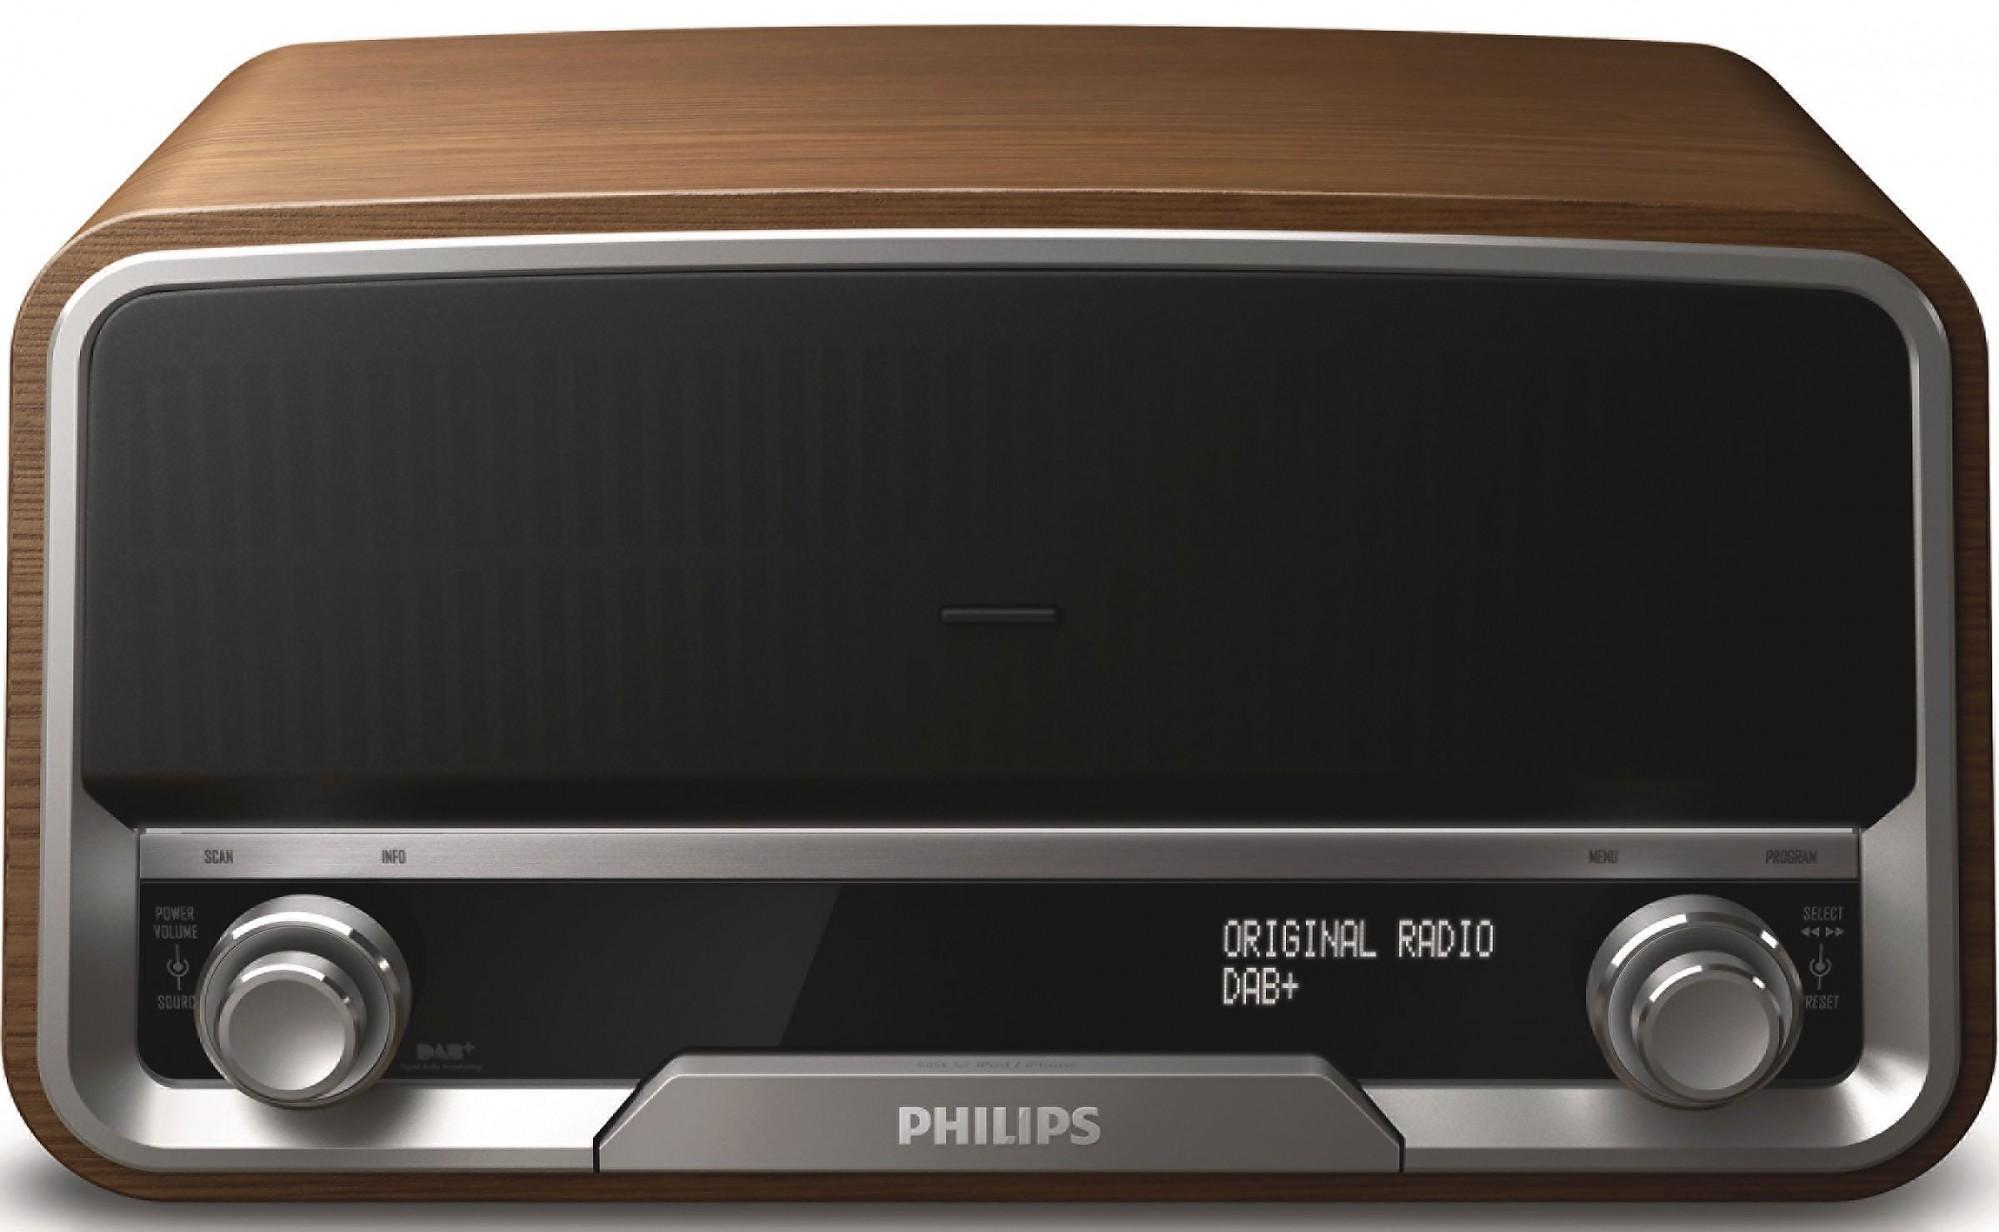 Philips Original Radio ORD-7300_059922